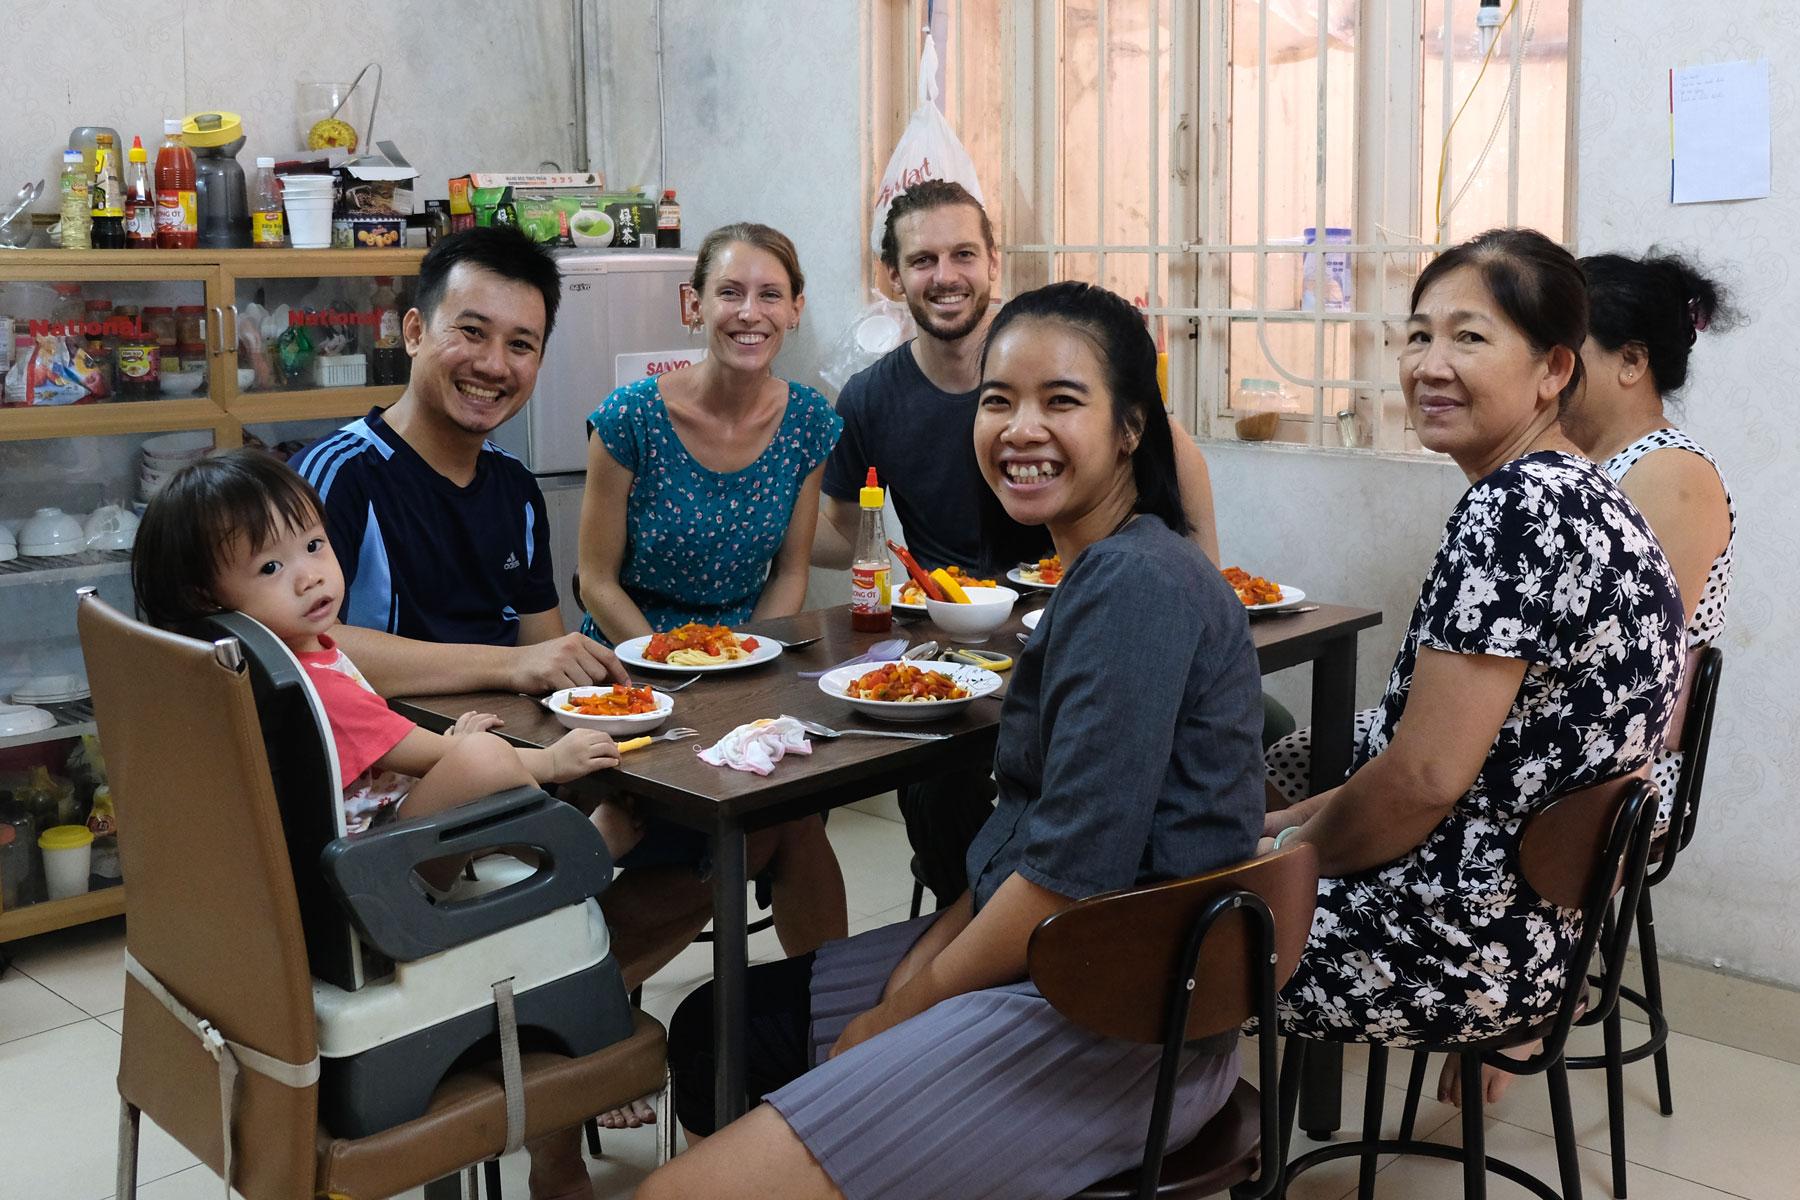 Leo und Sebastian sitzen mit ihren vietnamesischen Couchsurfing-Gastgebern am Esstisch.